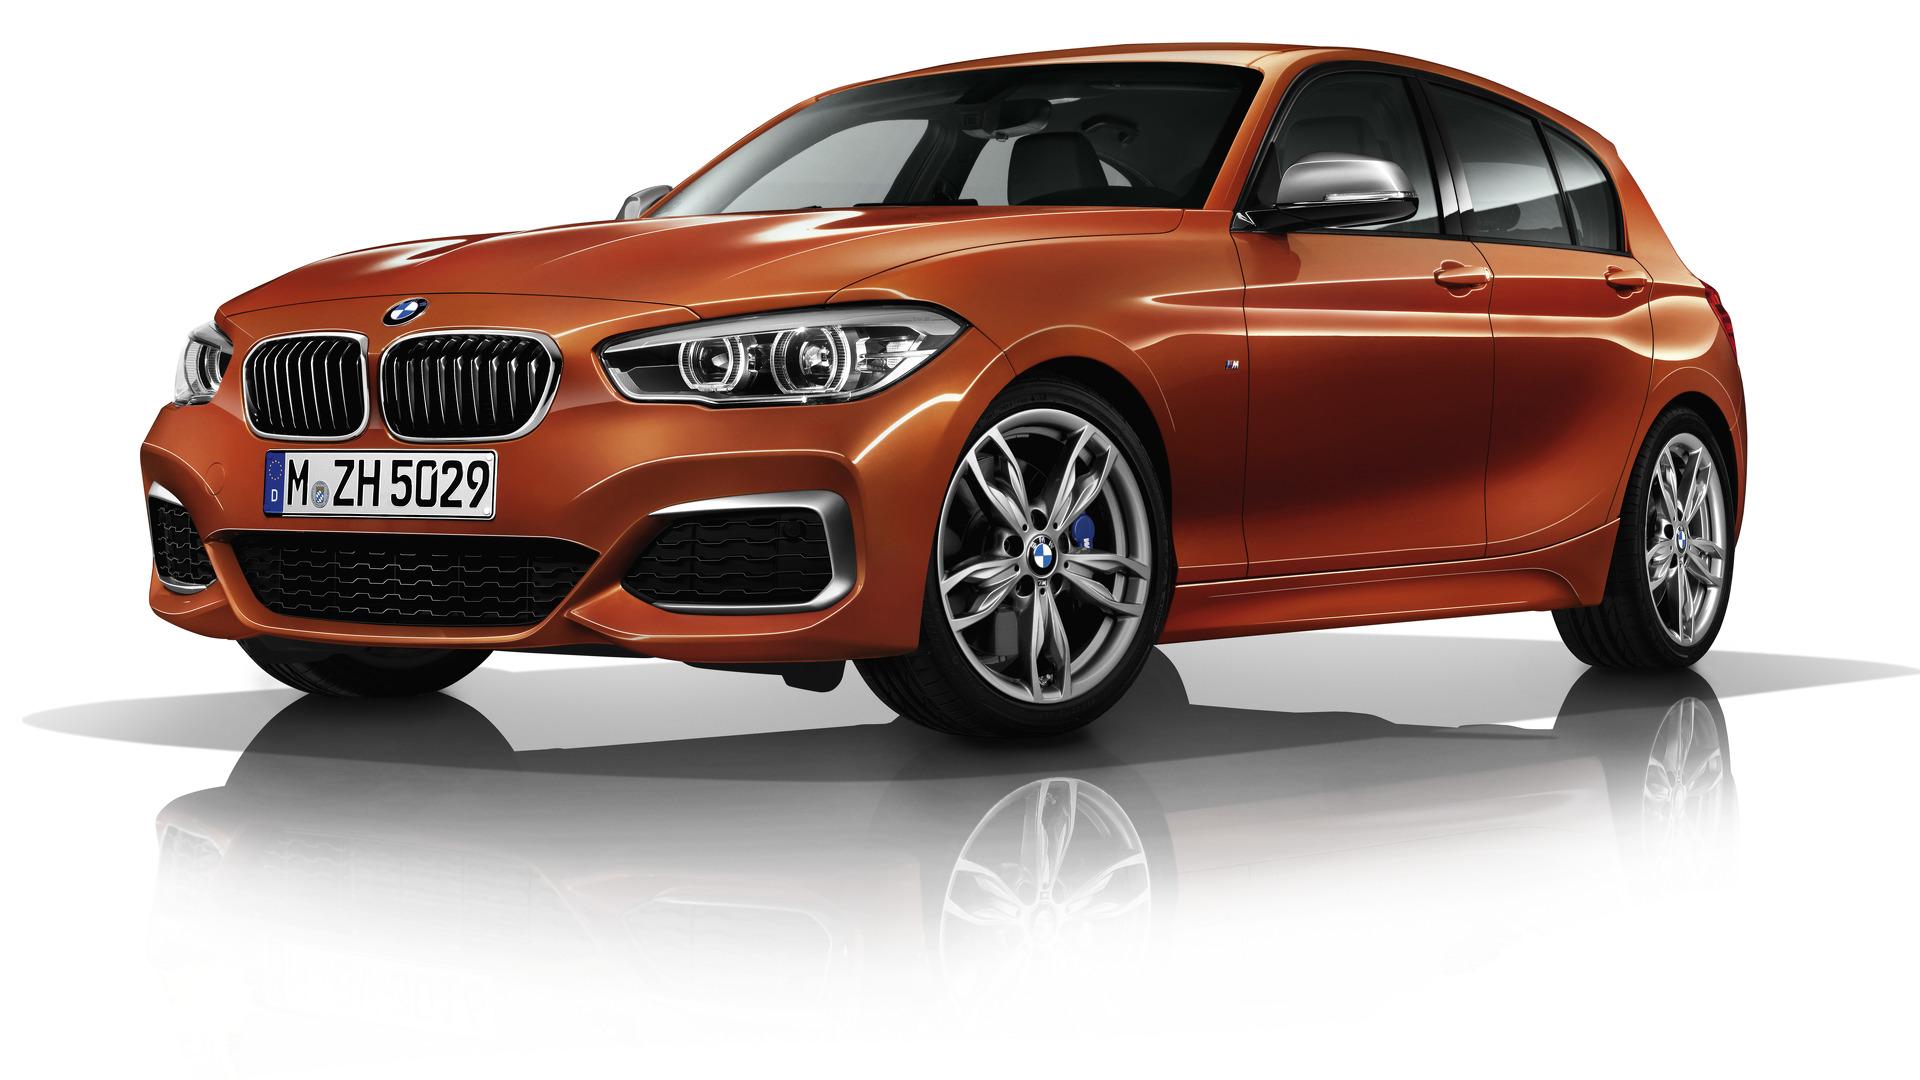 BMW M140i & M240i arrive with new 3.0 turbo engine